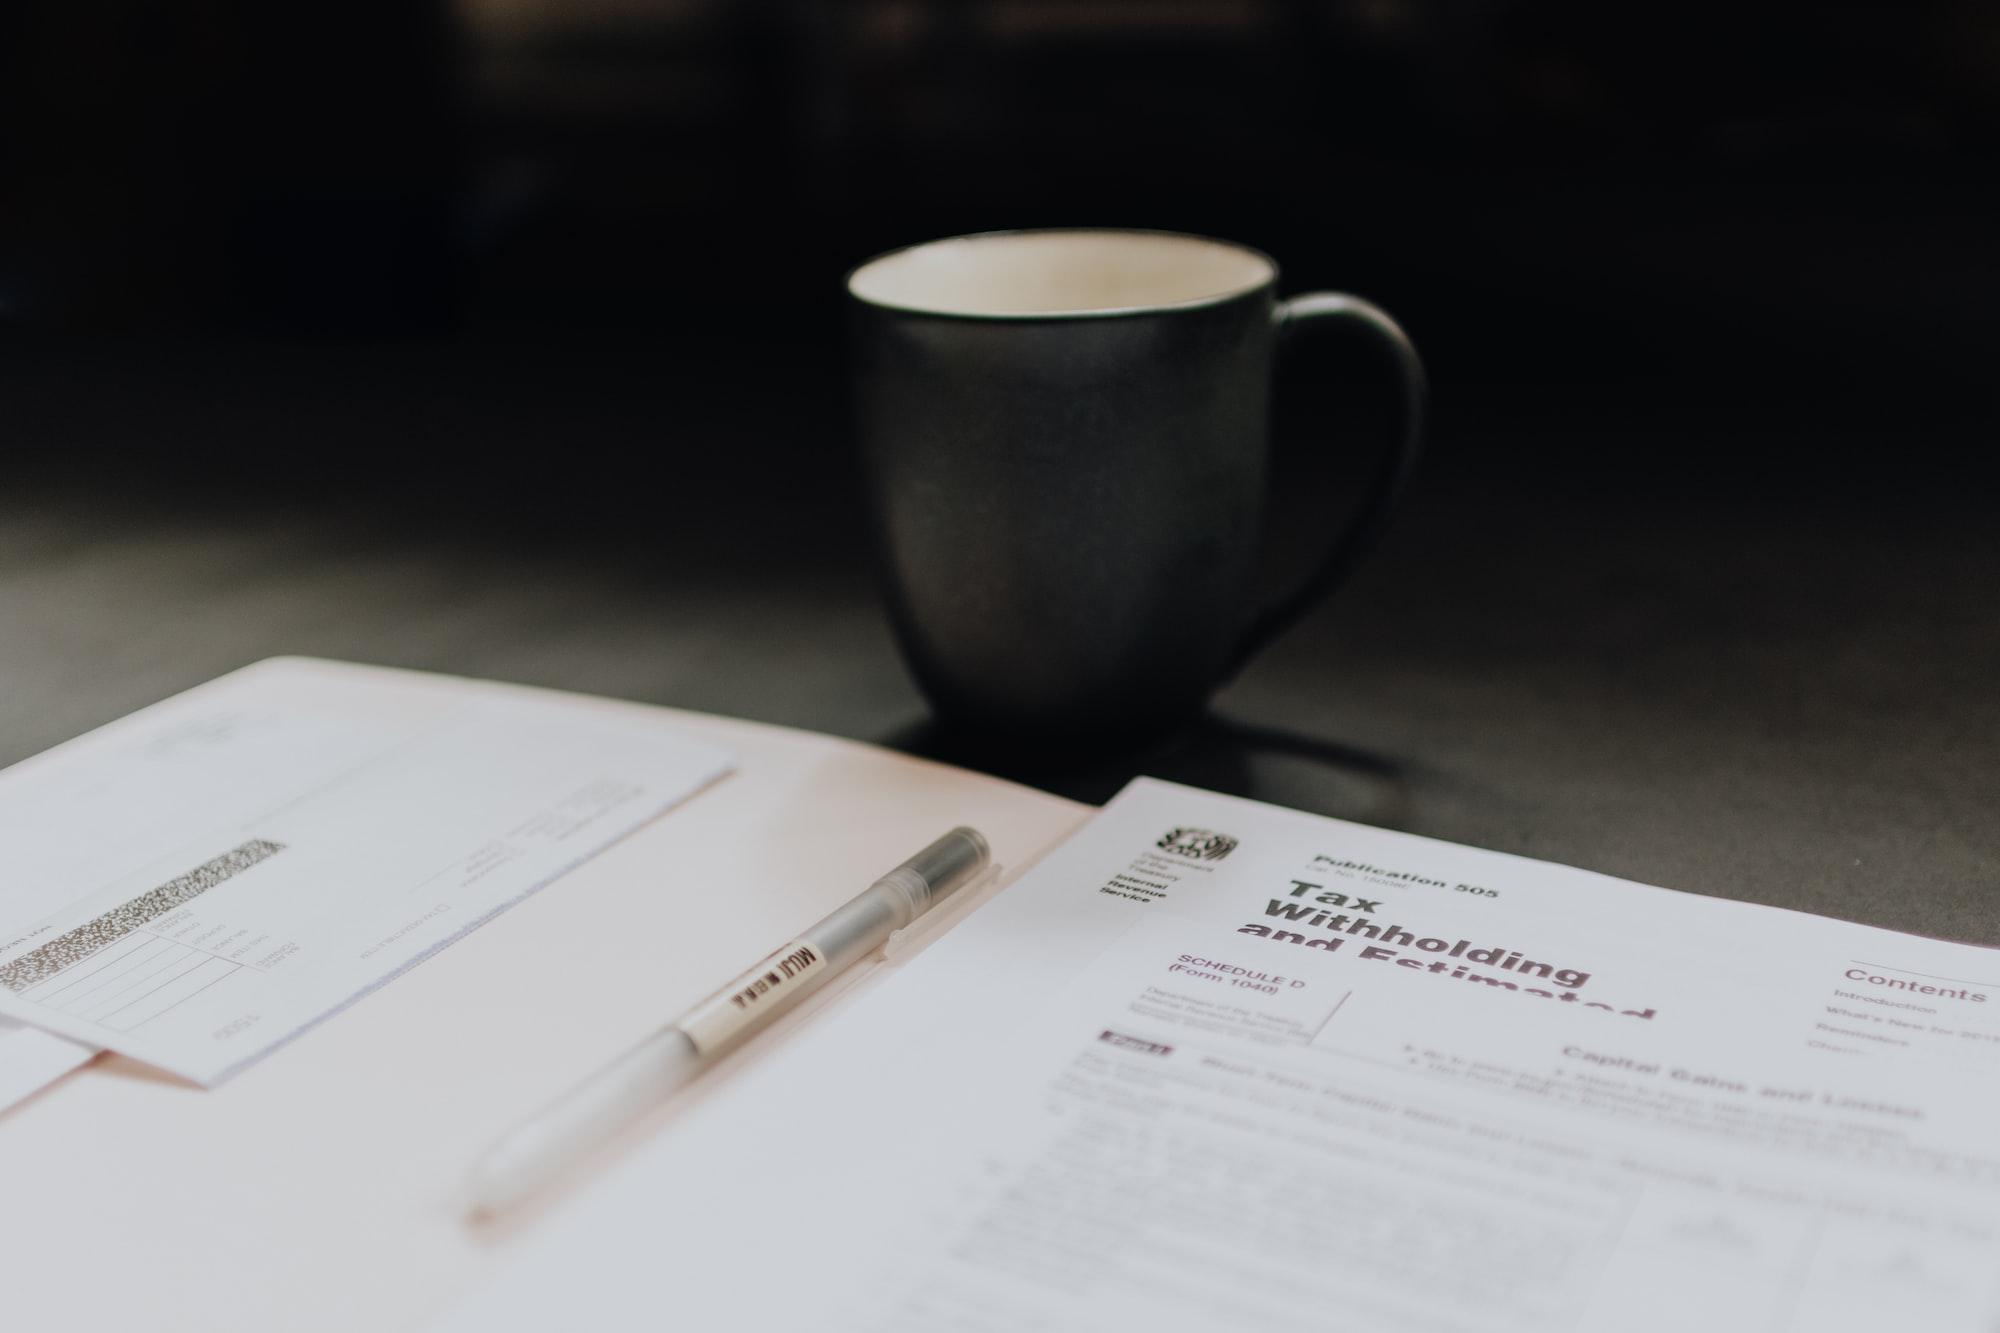 Astuces pour remplir le formulaire P0 micro-entrepreneur